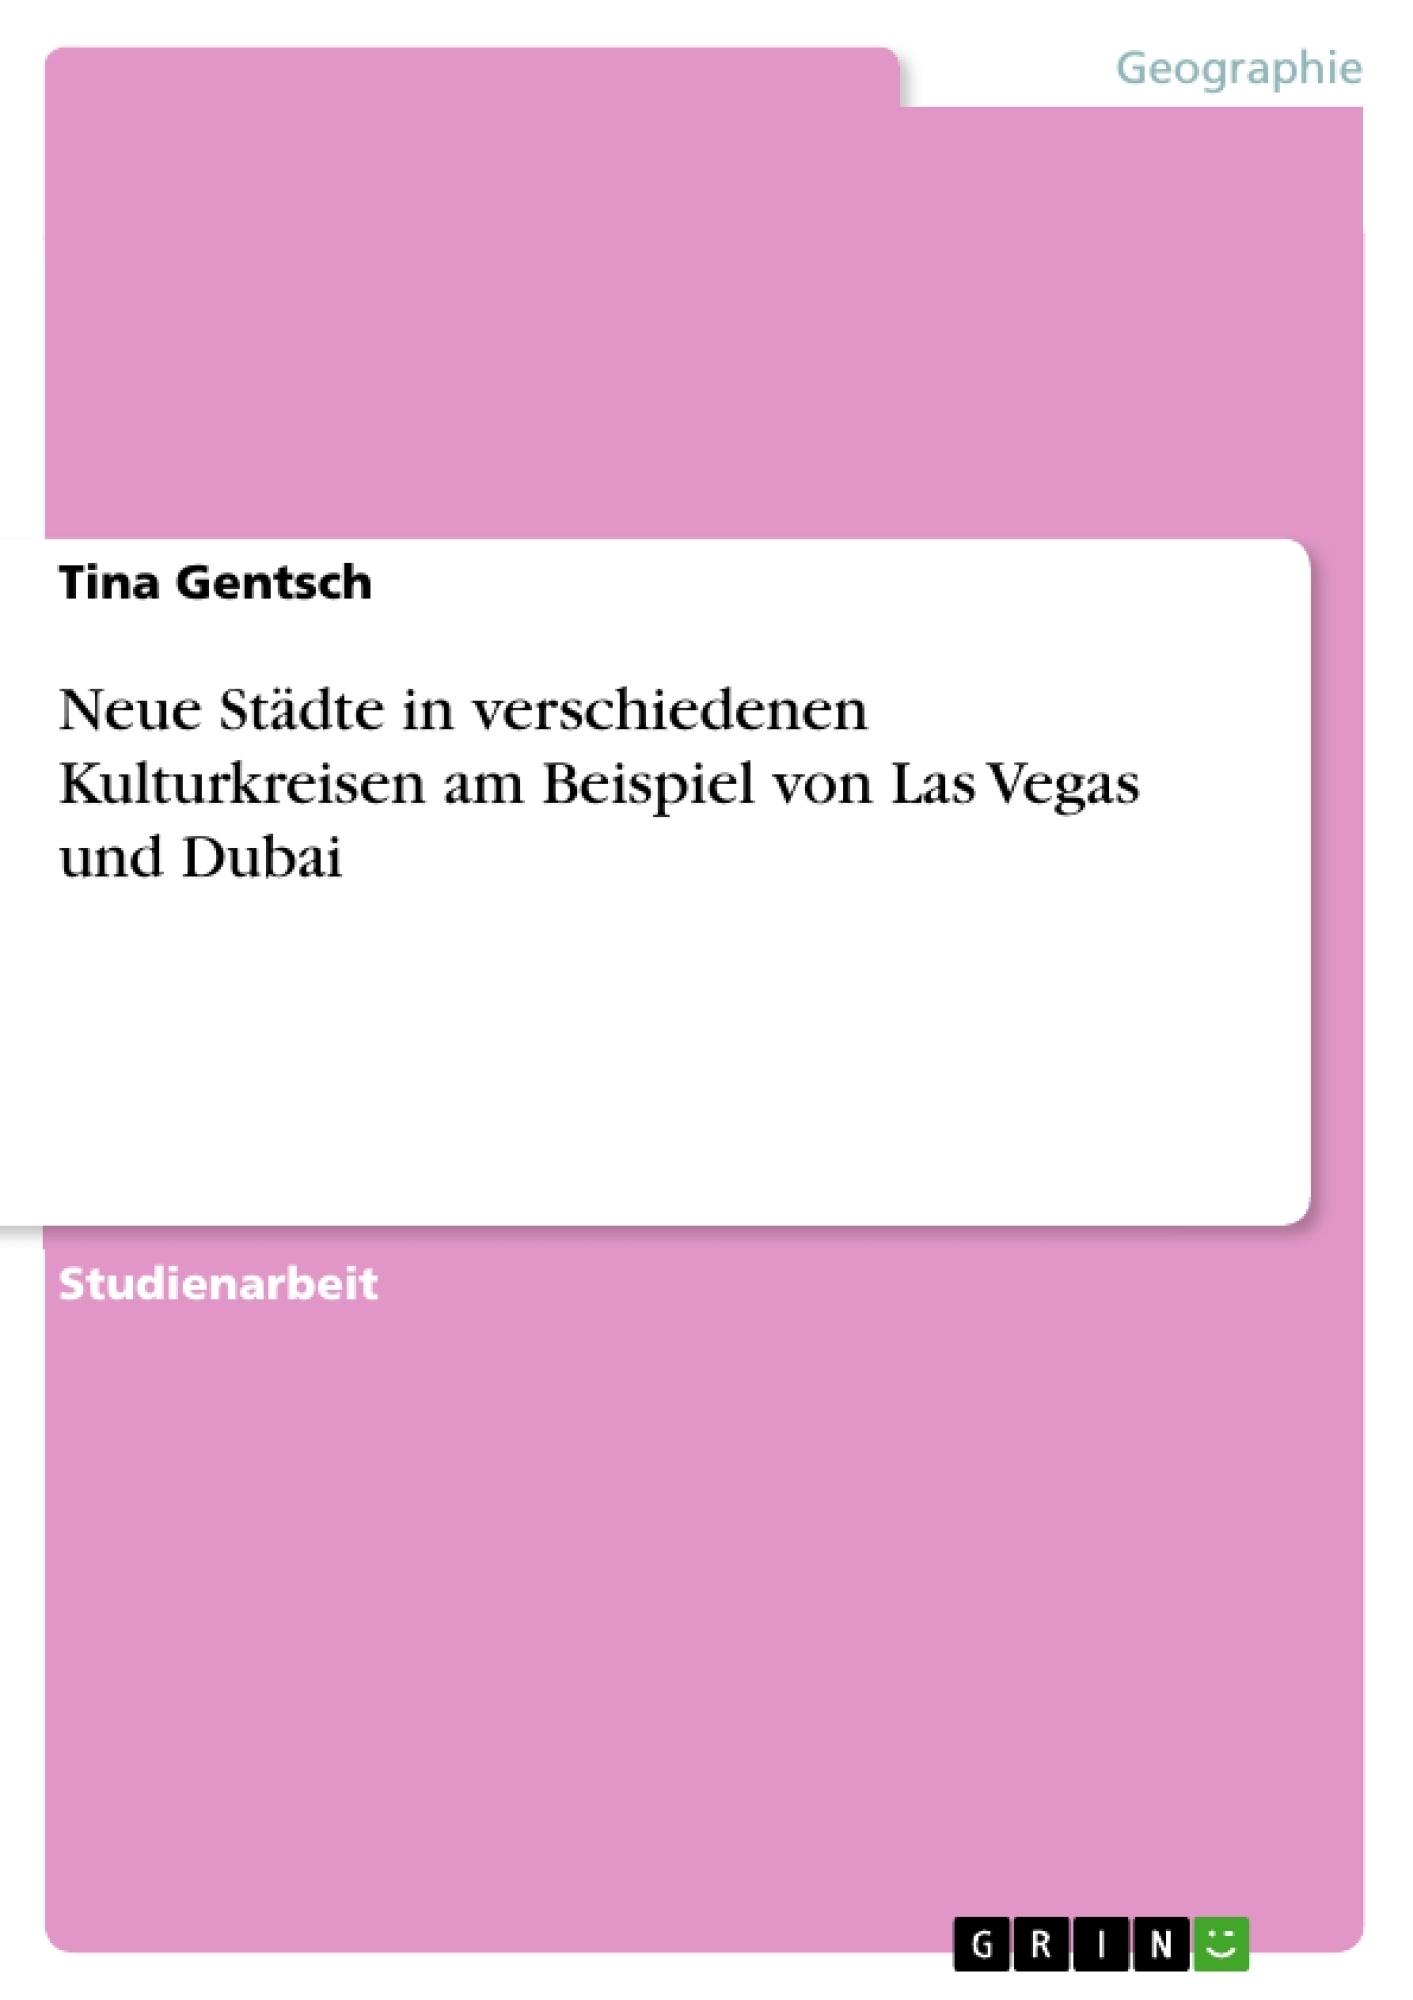 Titel: Neue Städte in verschiedenen Kulturkreisen am Beispiel von Las Vegas und Dubai